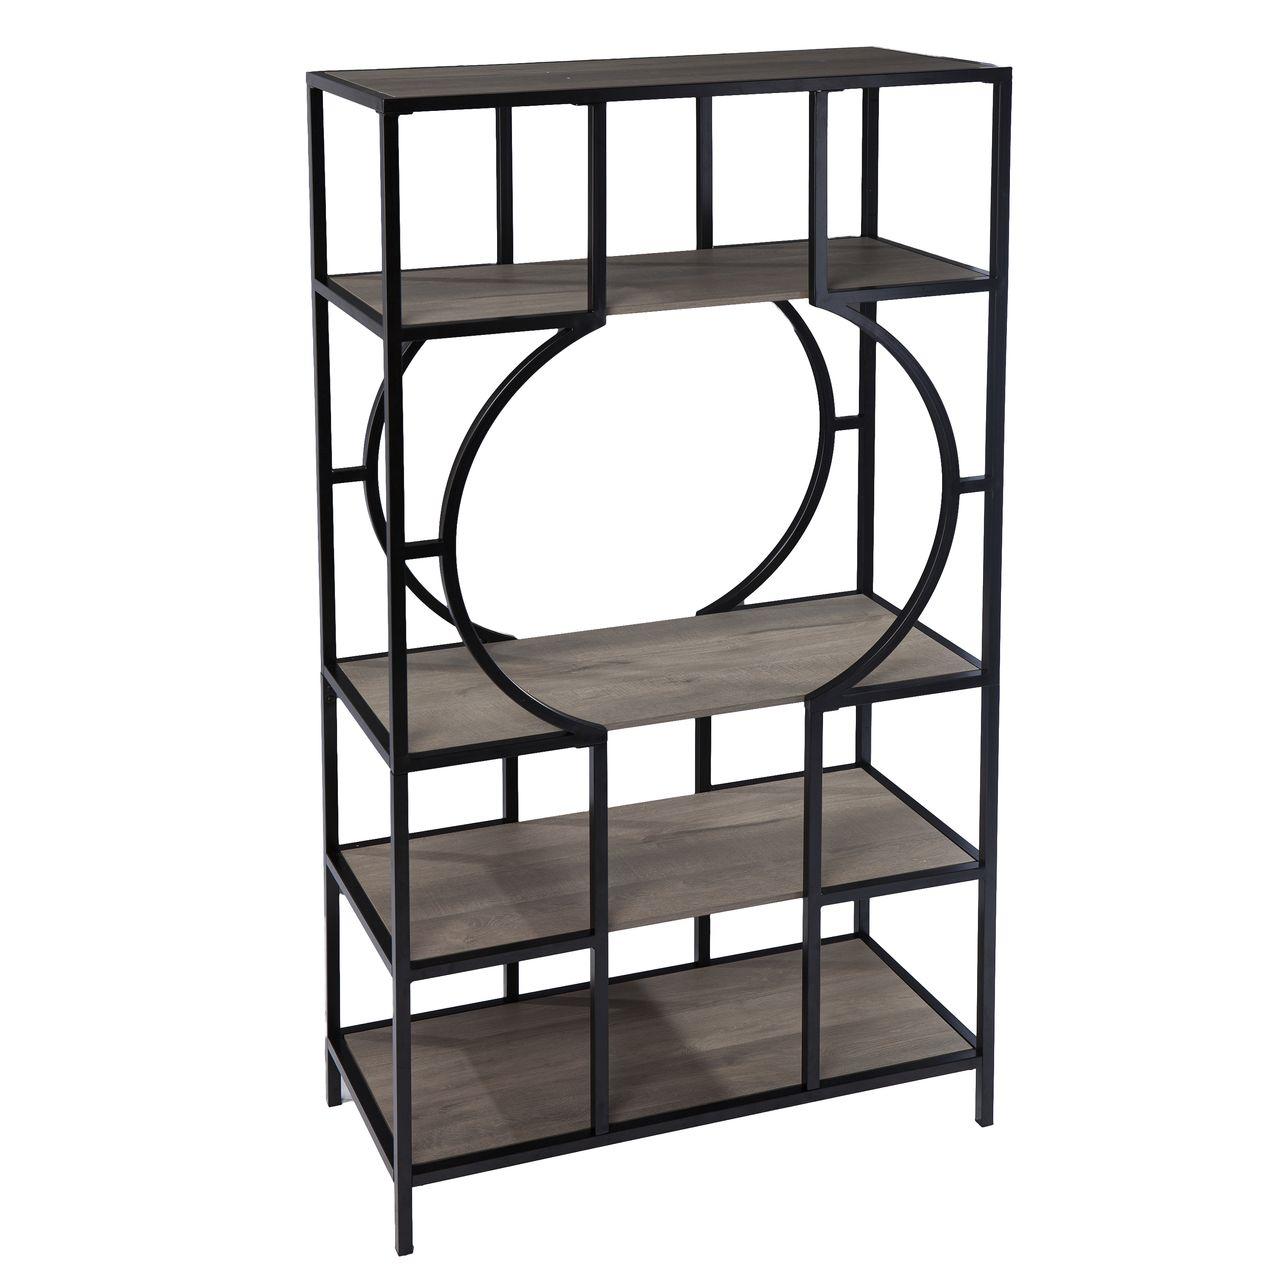 SEI Tyberton 5-Tier Bookcase in Natural / Black